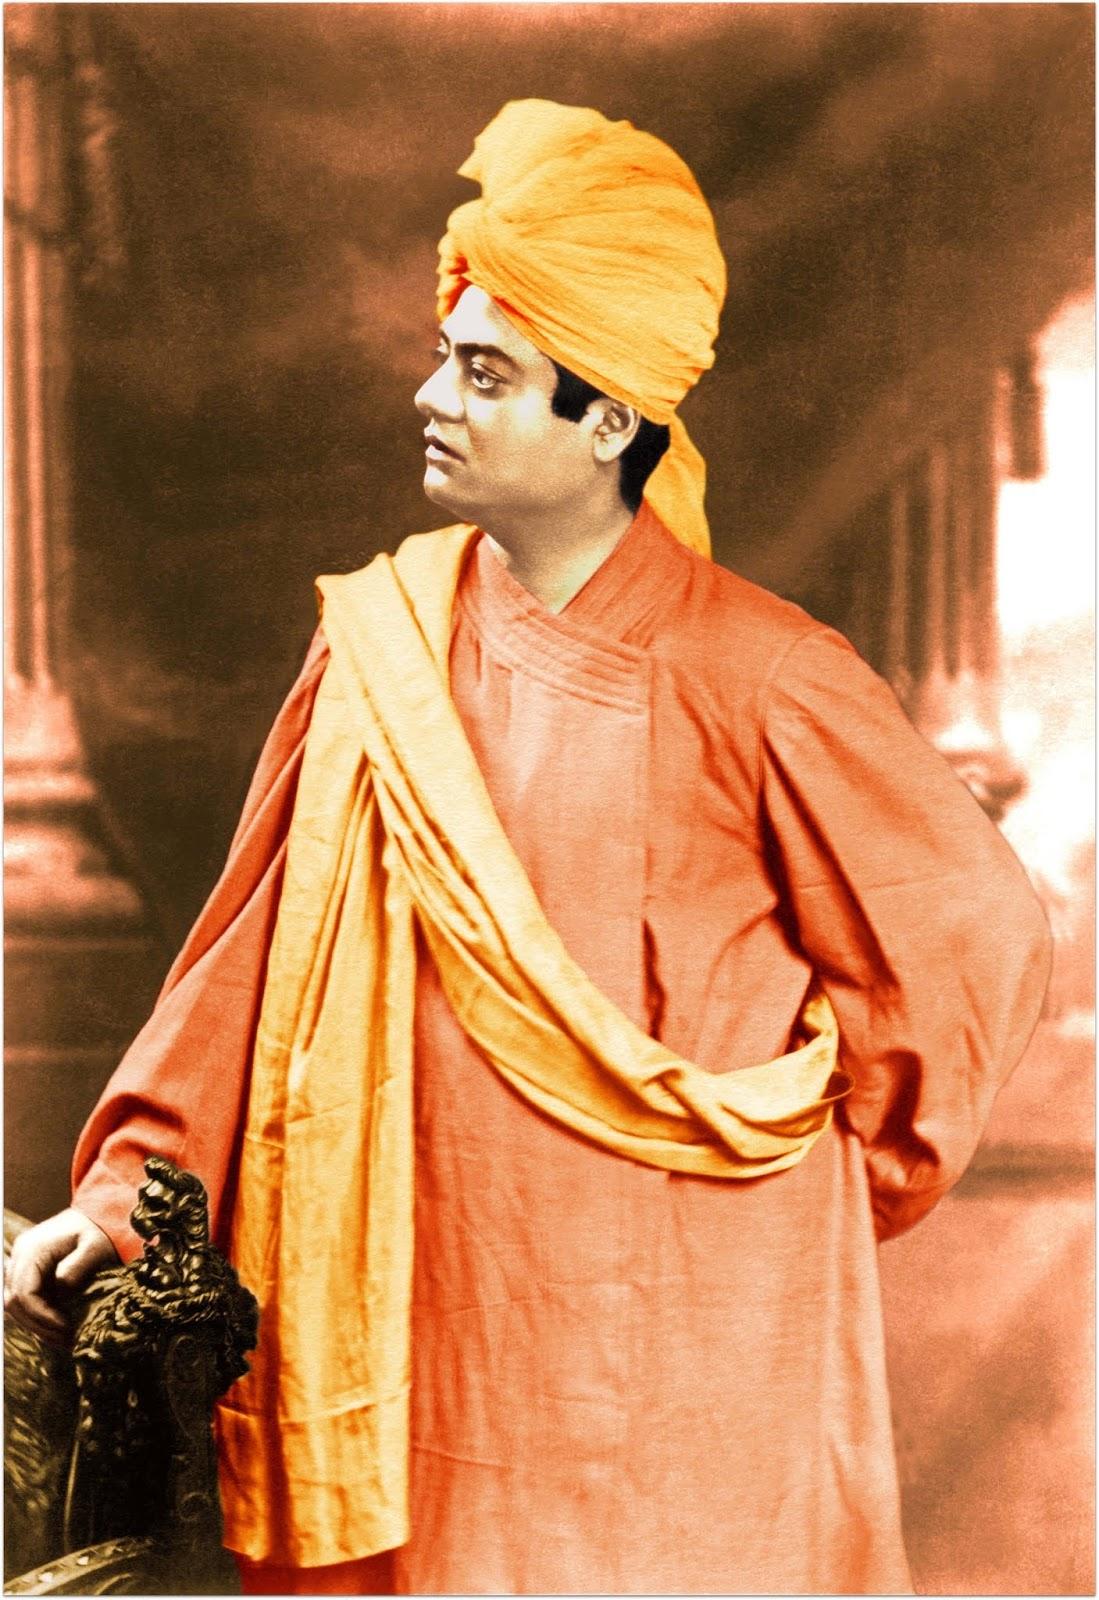 Swami Vivekananda Biography in Hindi | स्वामी विवेकानंद का जीवन परिचय और उनके जीवन से जुड़े कुछ अनमोल तथ्य